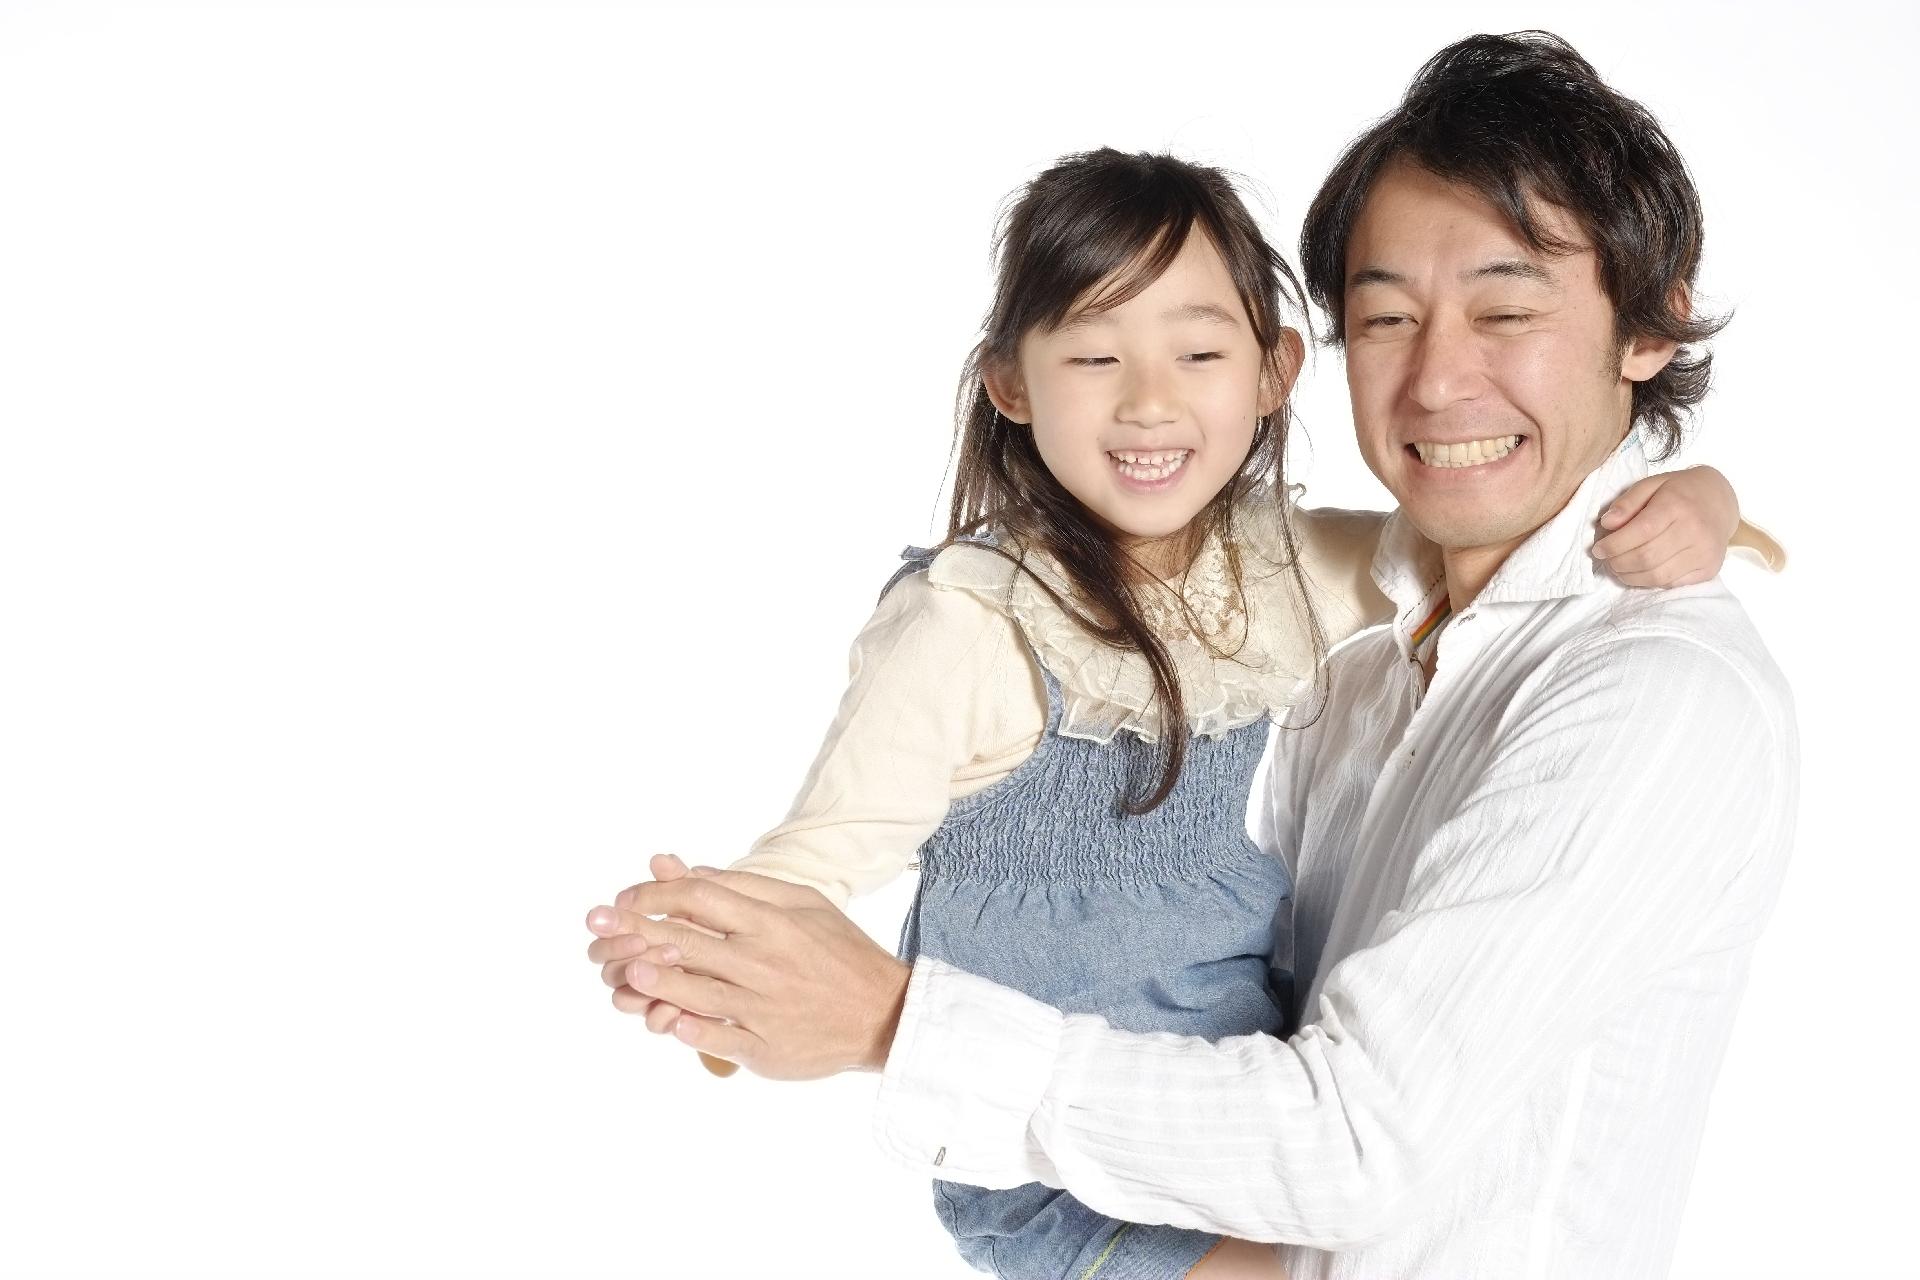 父親の子供に対する愛情ってどんなもの?